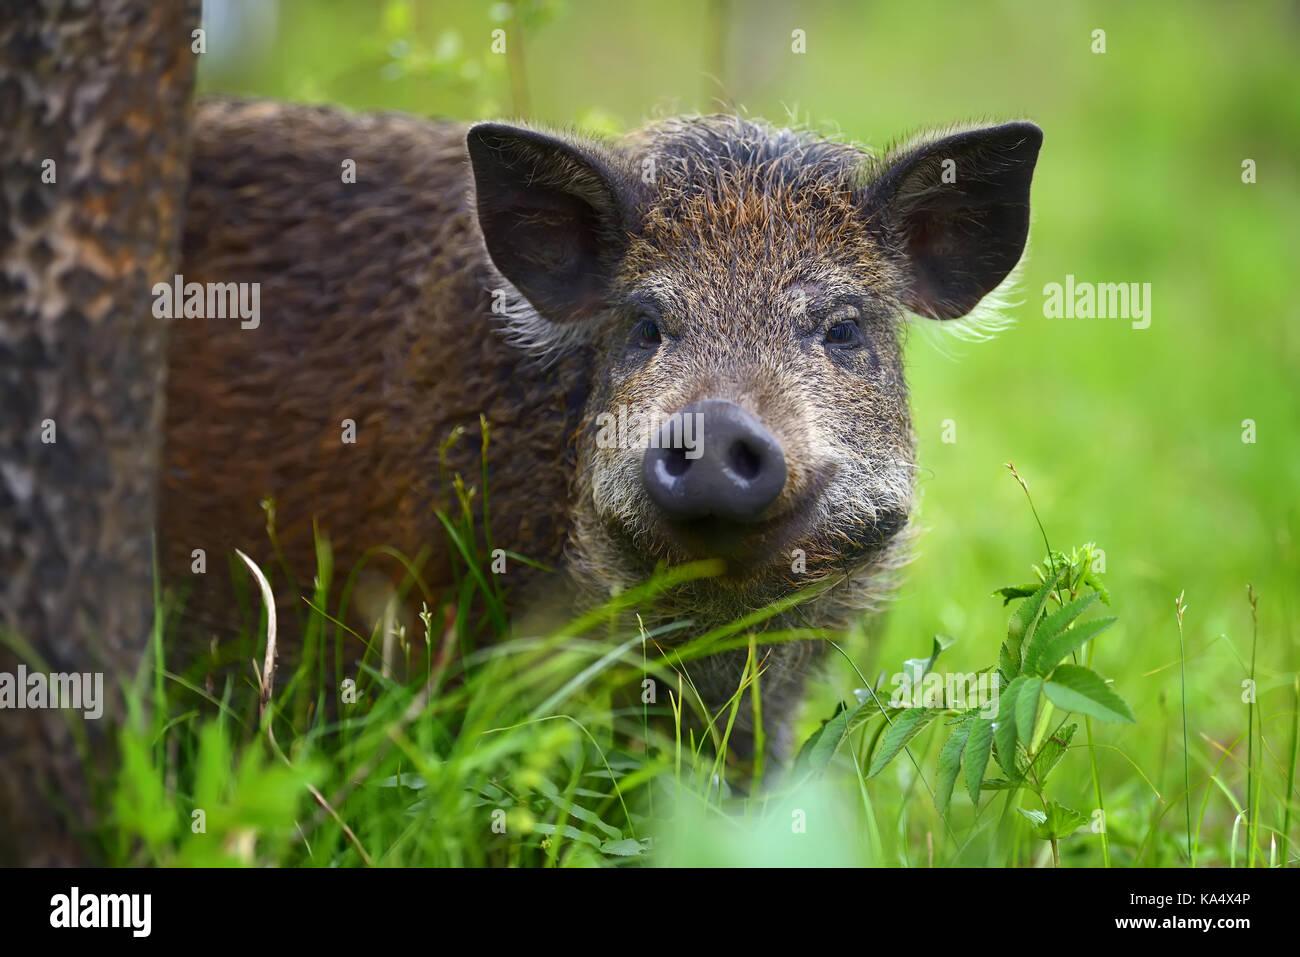 Le sanglier de la forêt dans l'heure d'été Photo Stock